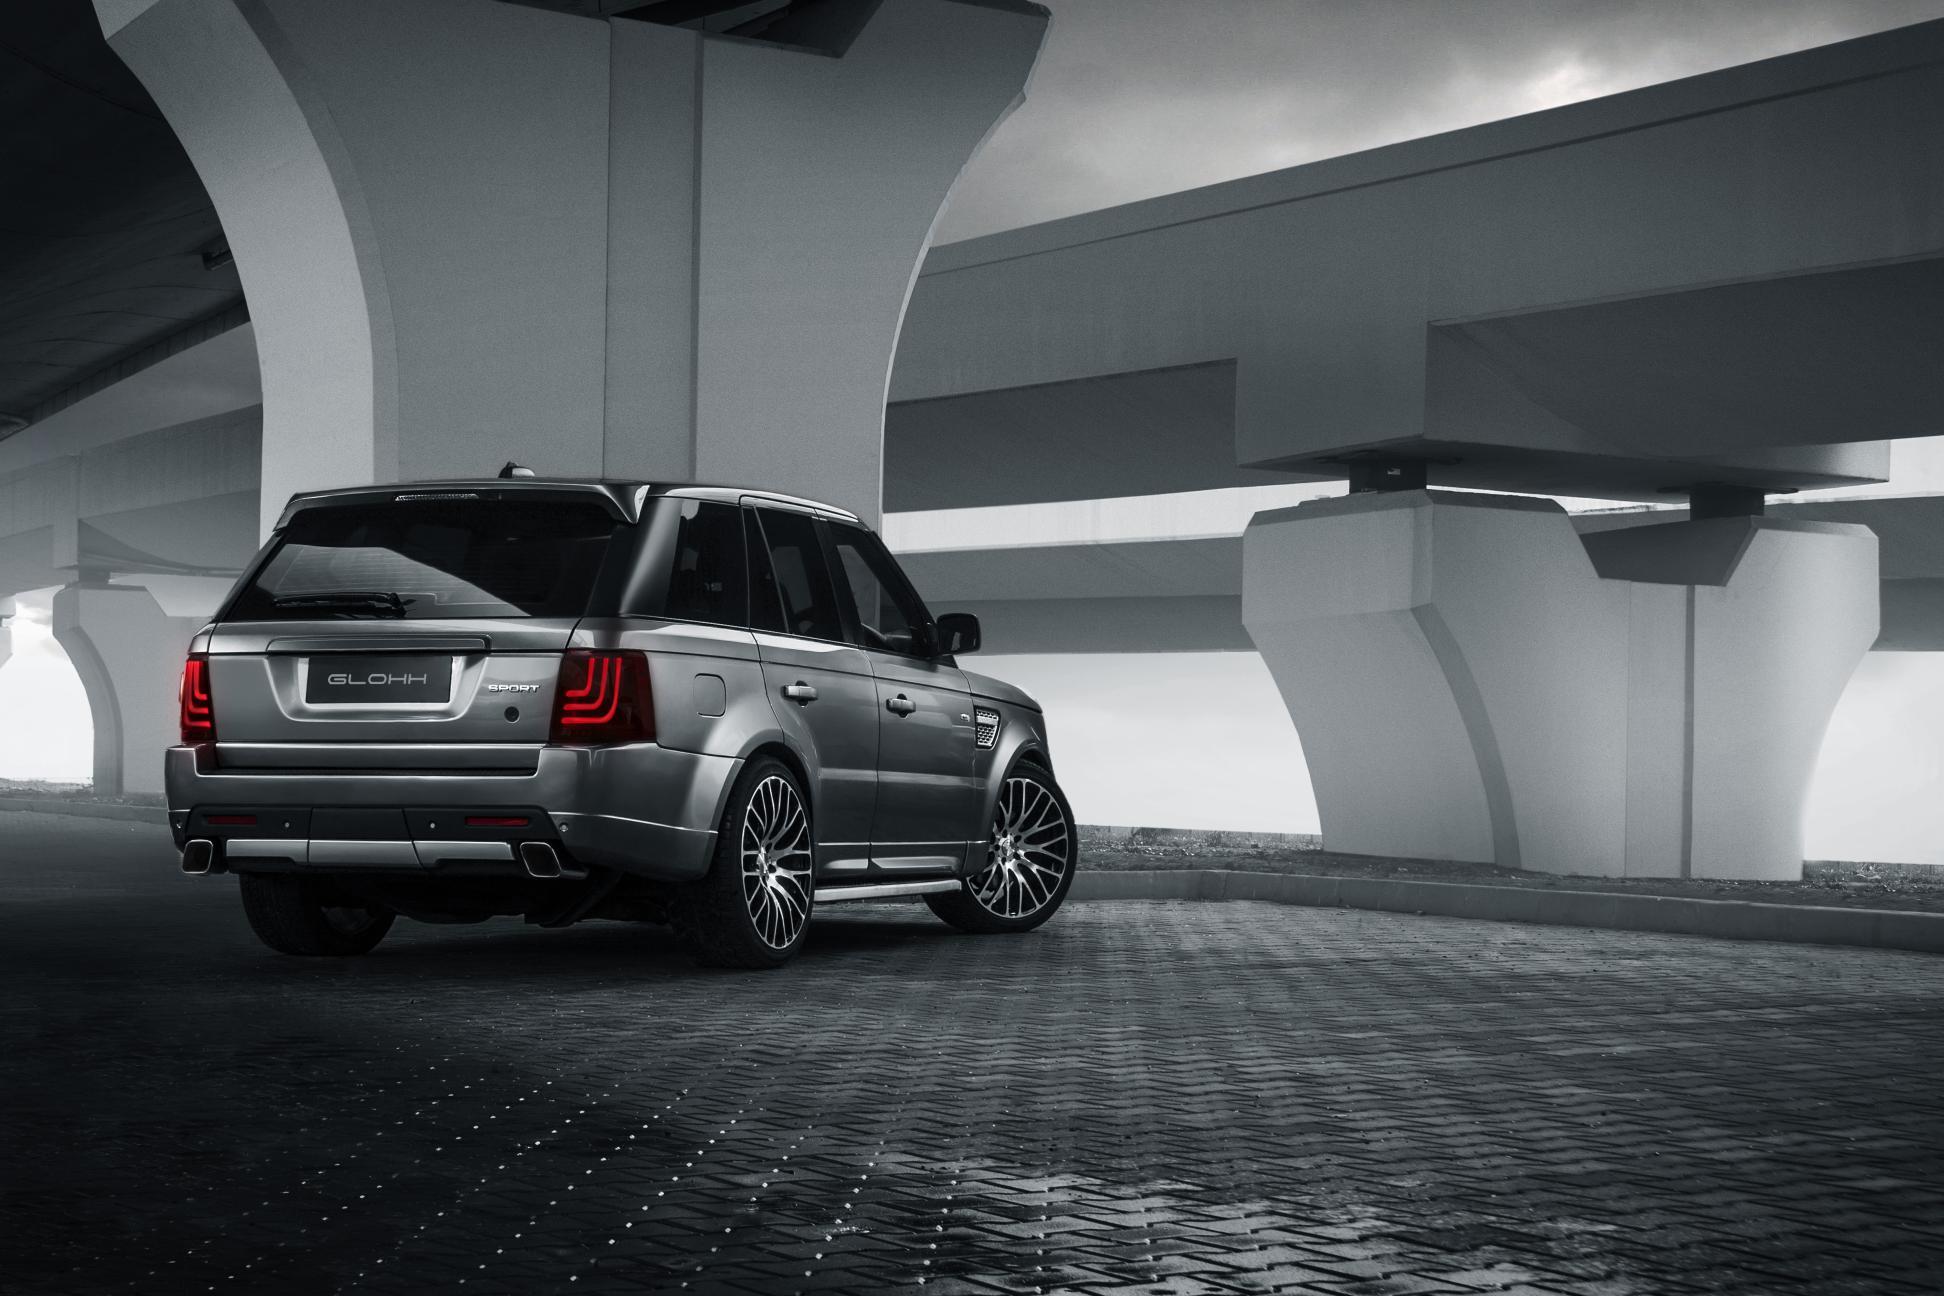 First Gen Range Rover Sport Gets Aftermarket Led